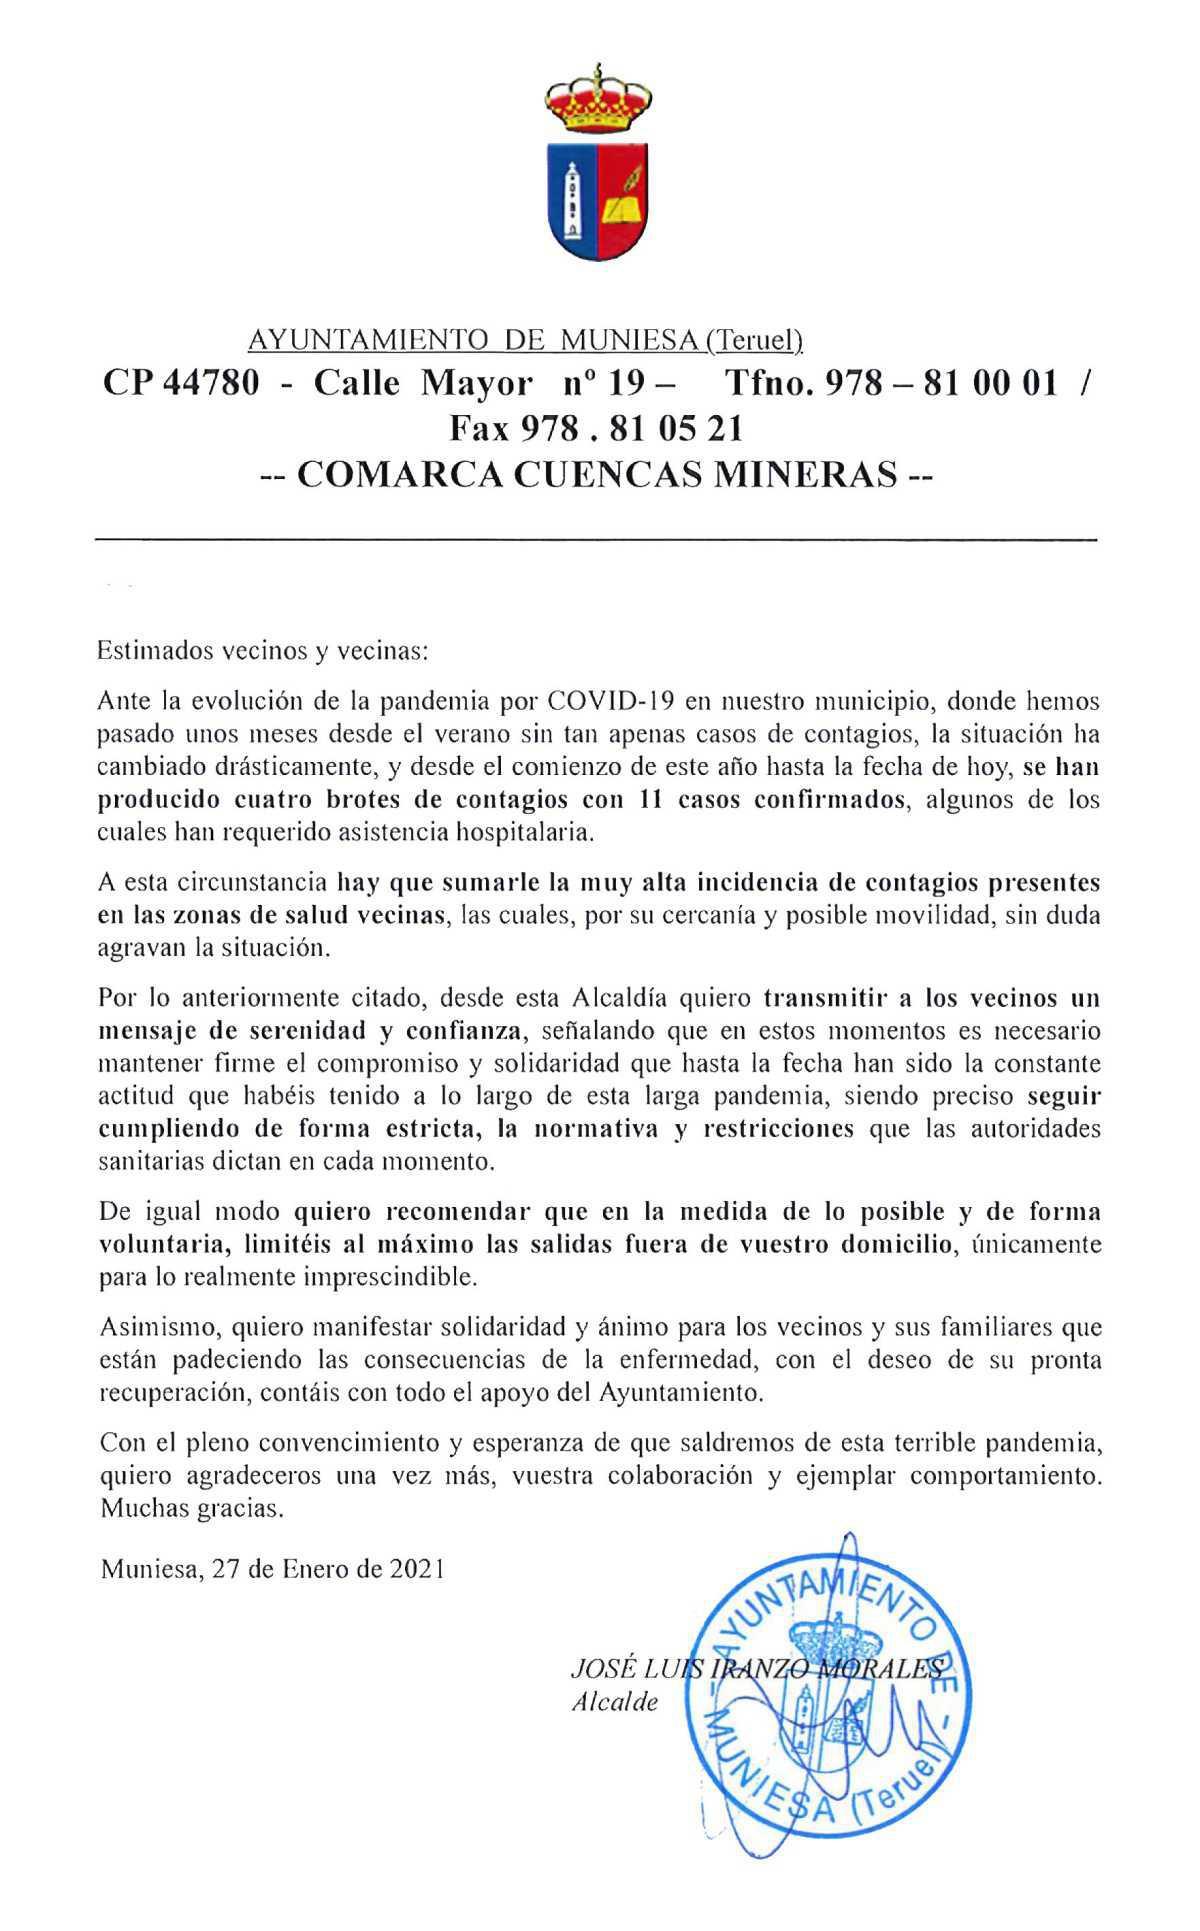 MUNIESA. SITUACIÓN DE LA PANDEMIA DE LA COVID-19